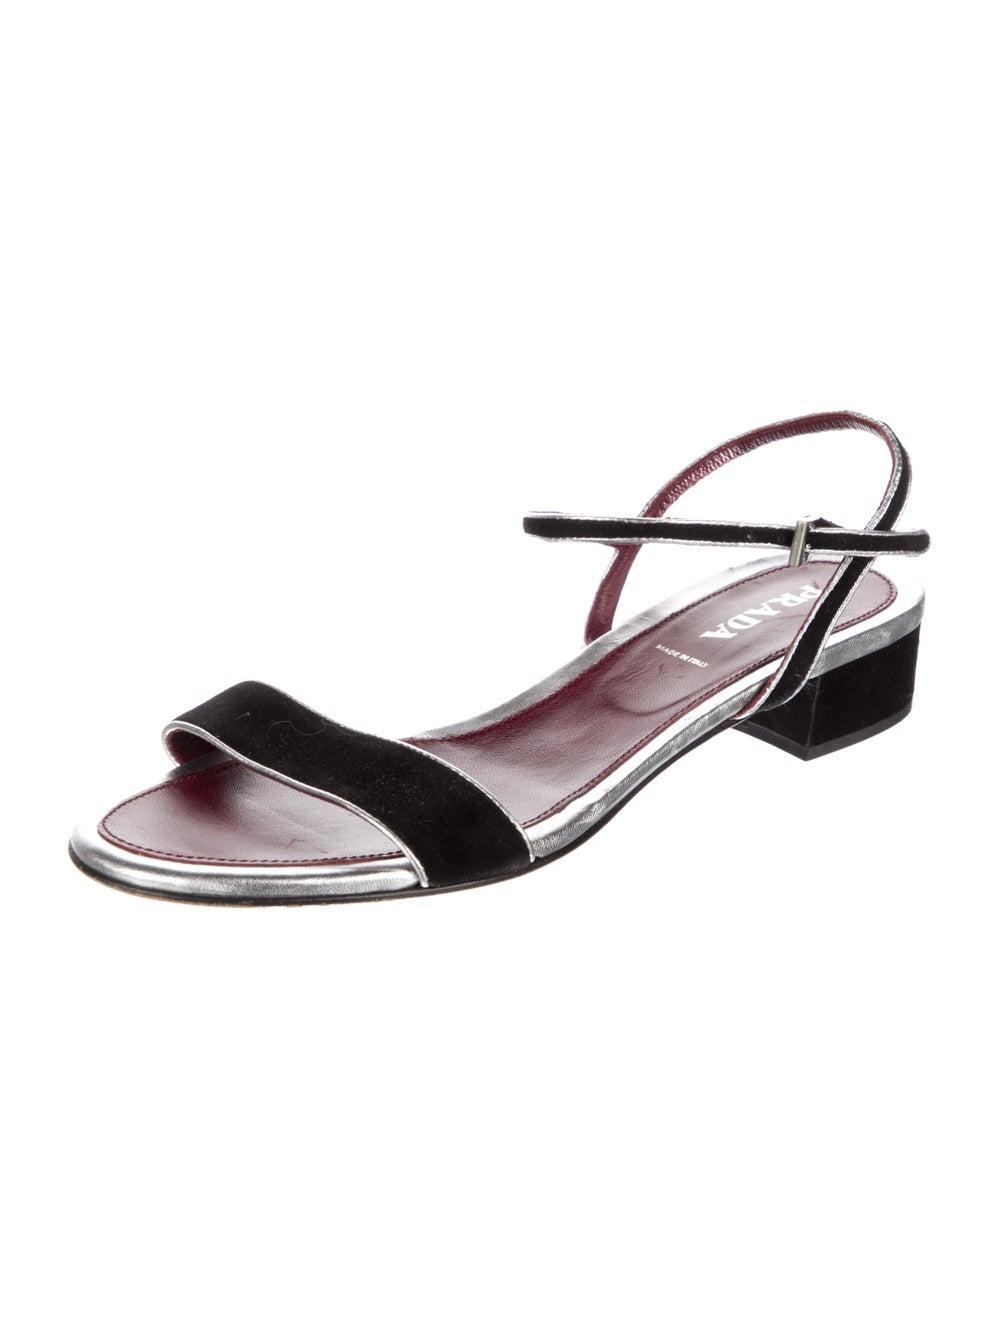 Prada Suede Sandals Black - image 2